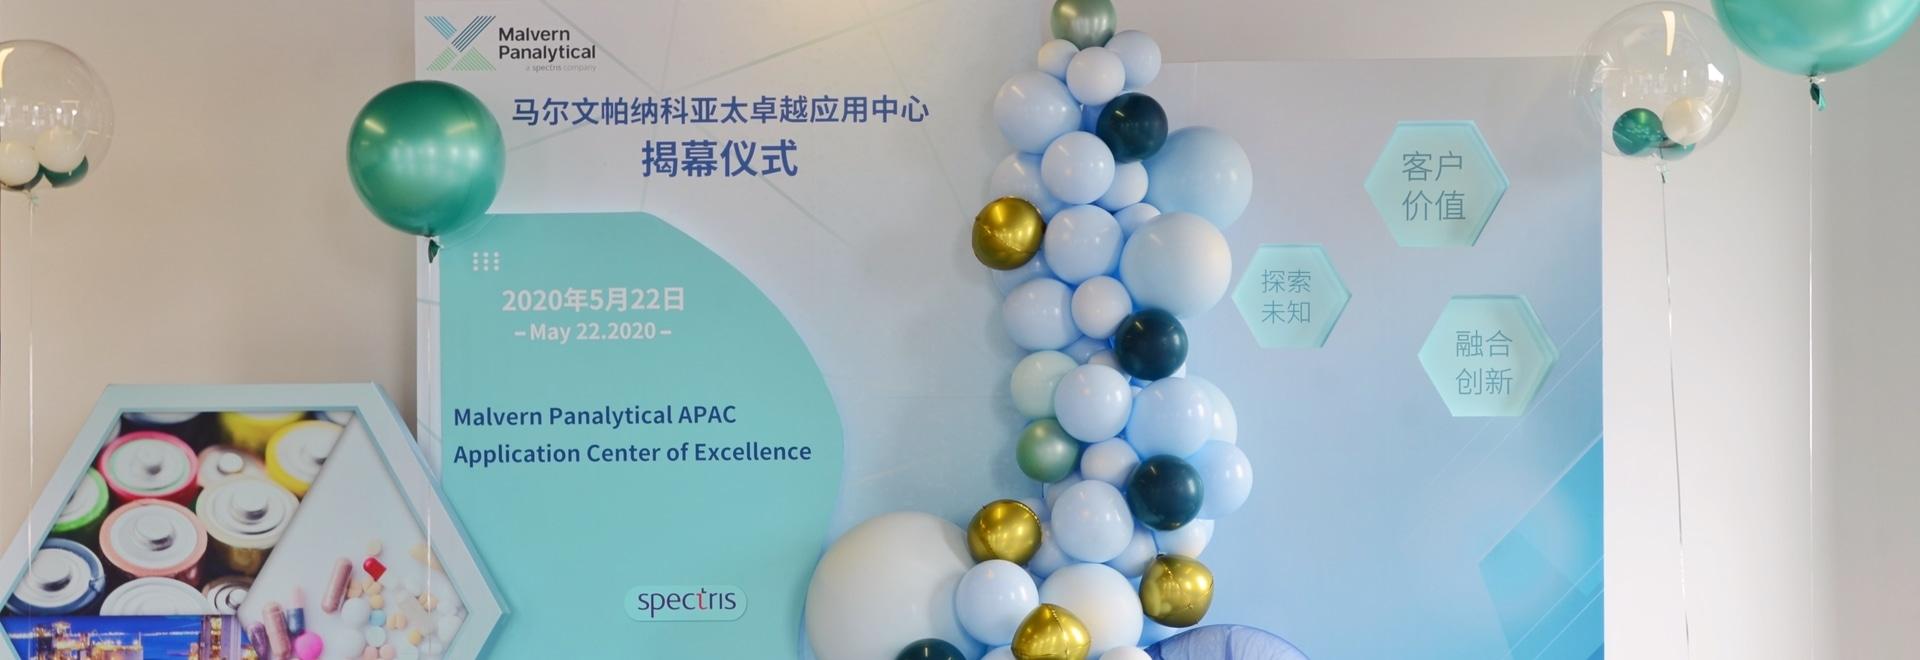 Malvern Panalytical ouvre un nouveau centre d'excellence d'application APAC à Shanghai